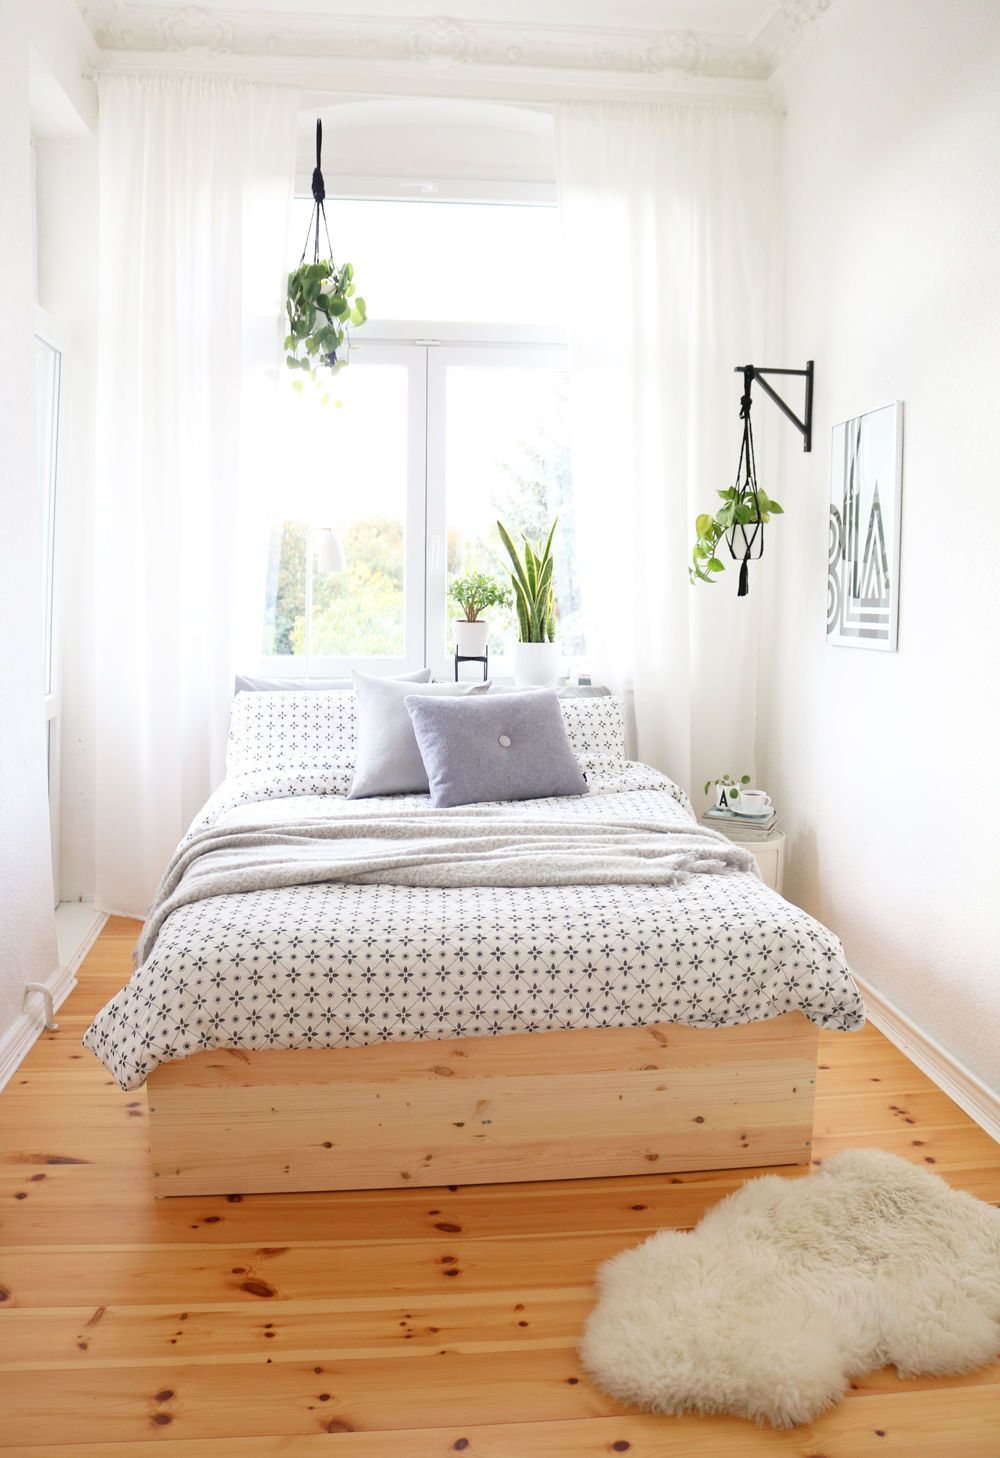 Kleine schlafzimmer einrichten gestalten for Ideen schlafzimmer gestalten